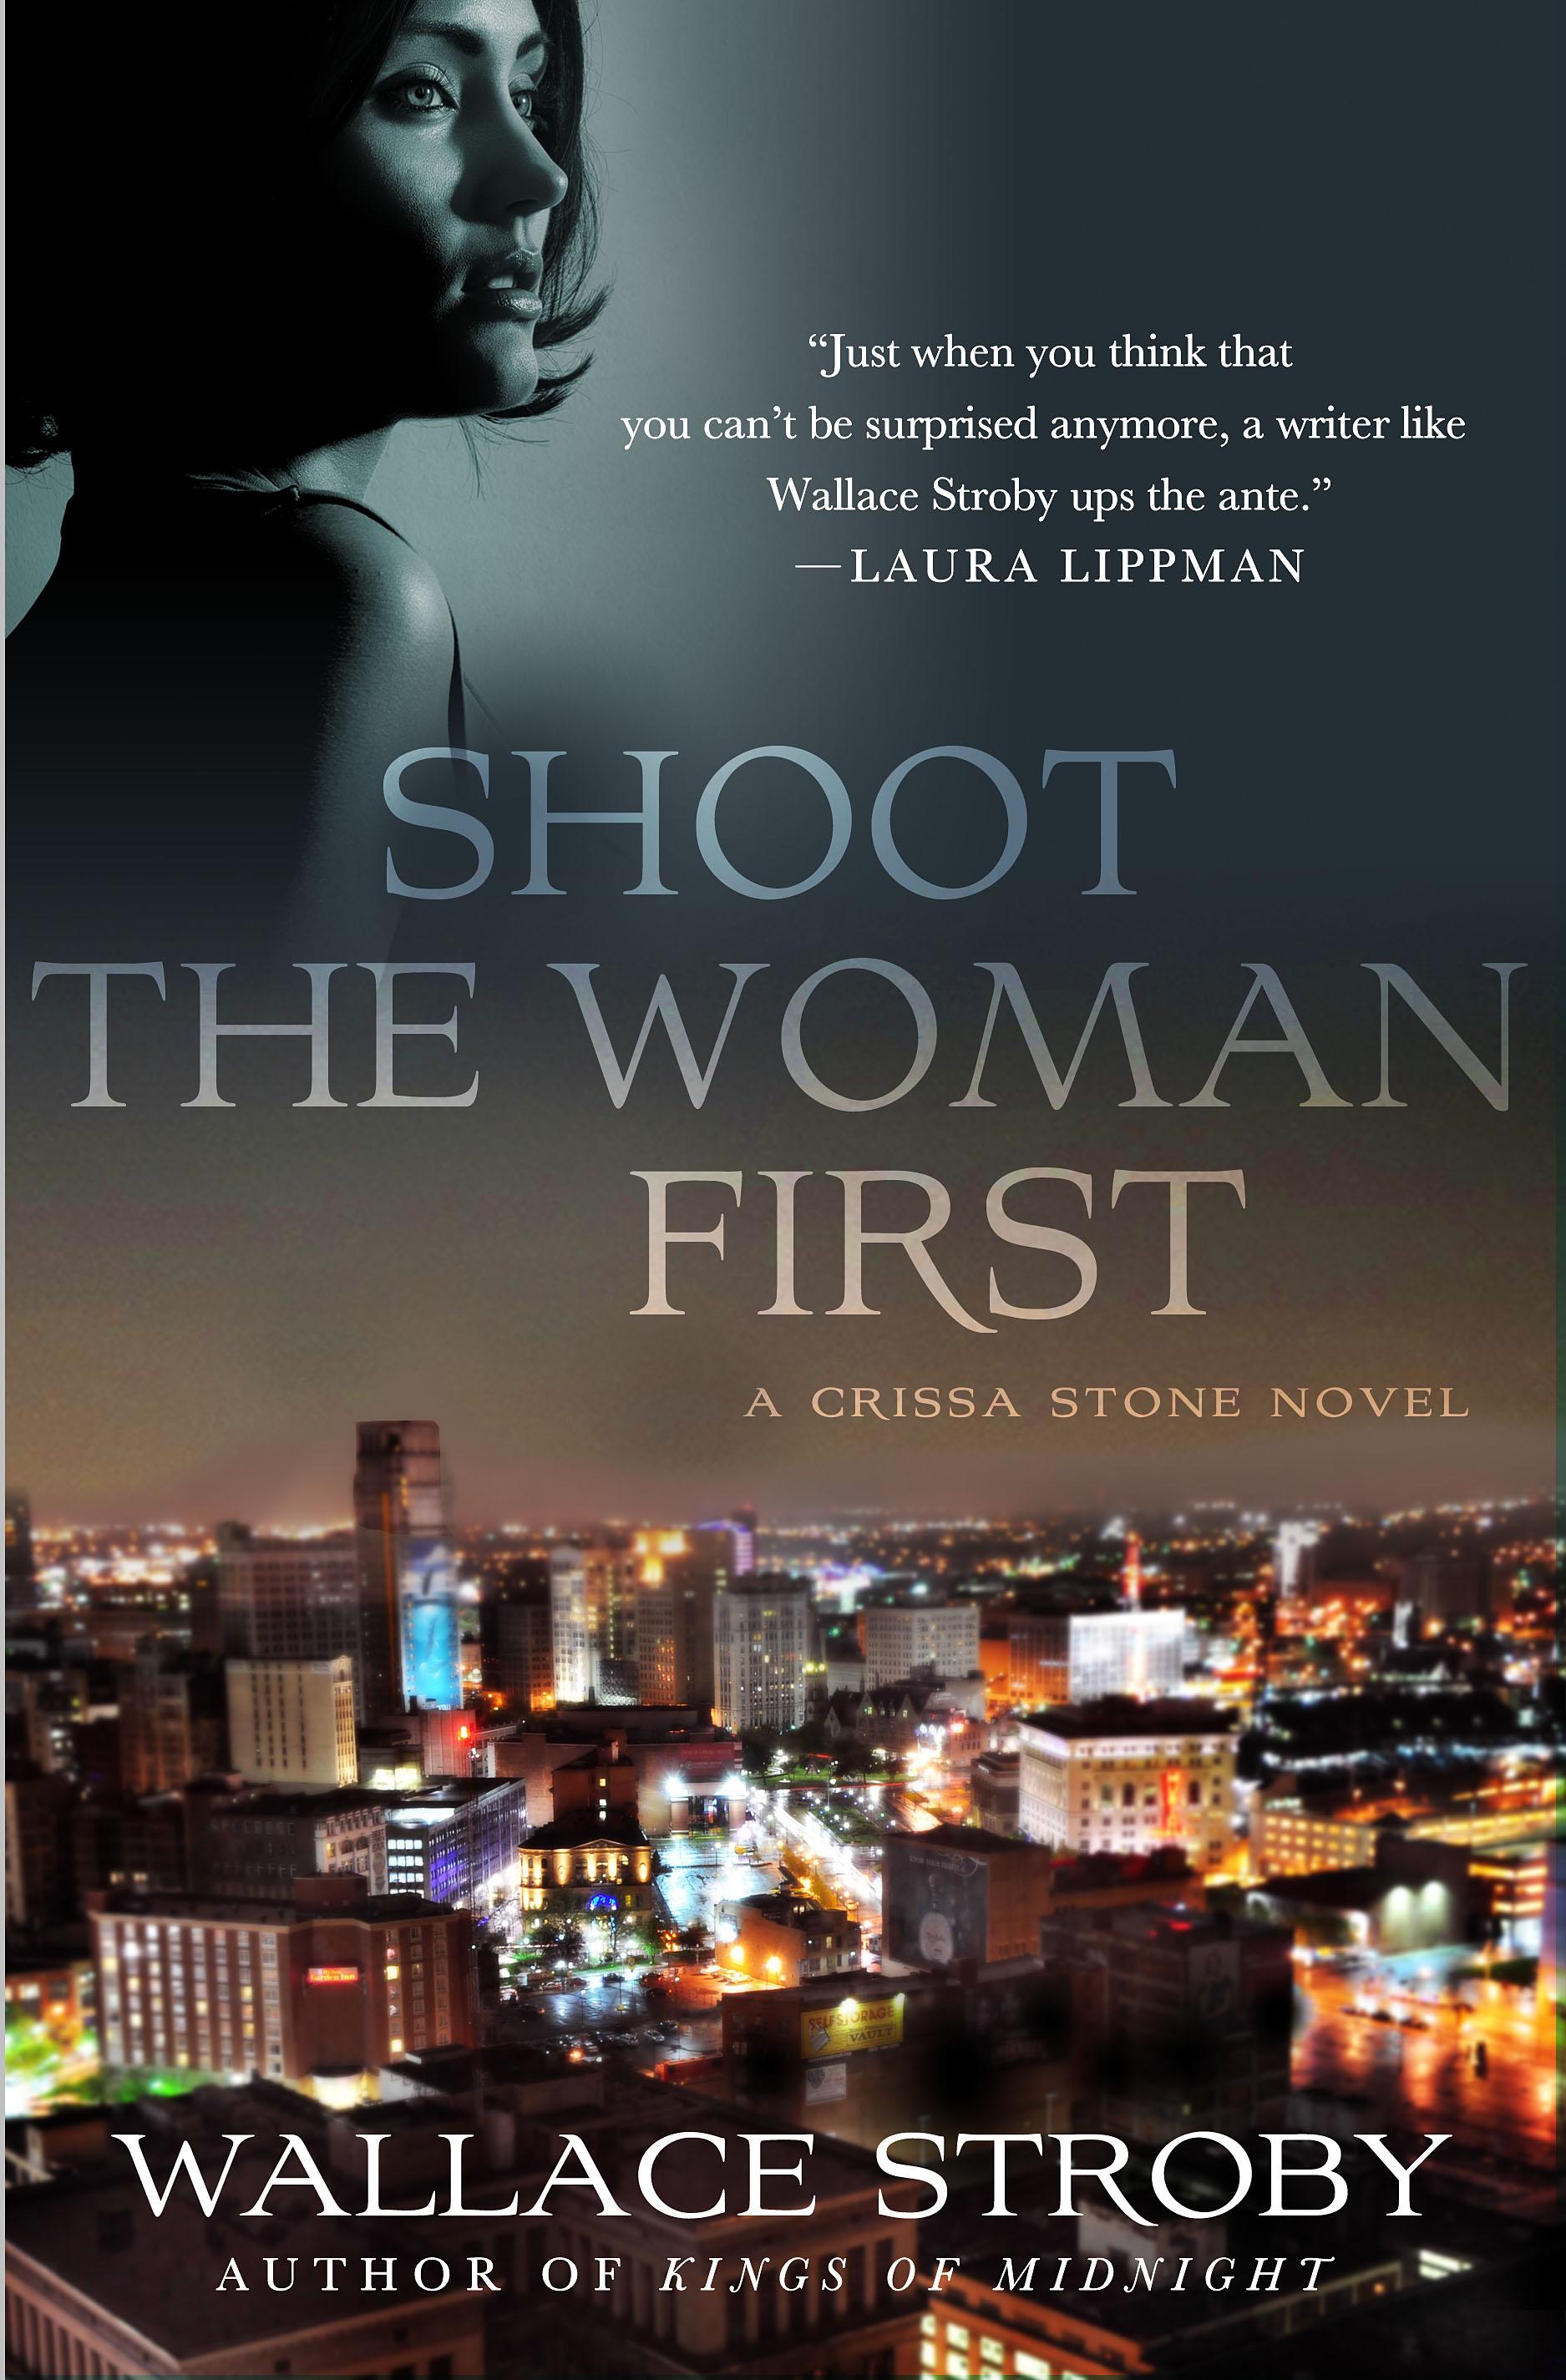 shootthewomanfirst.jpg